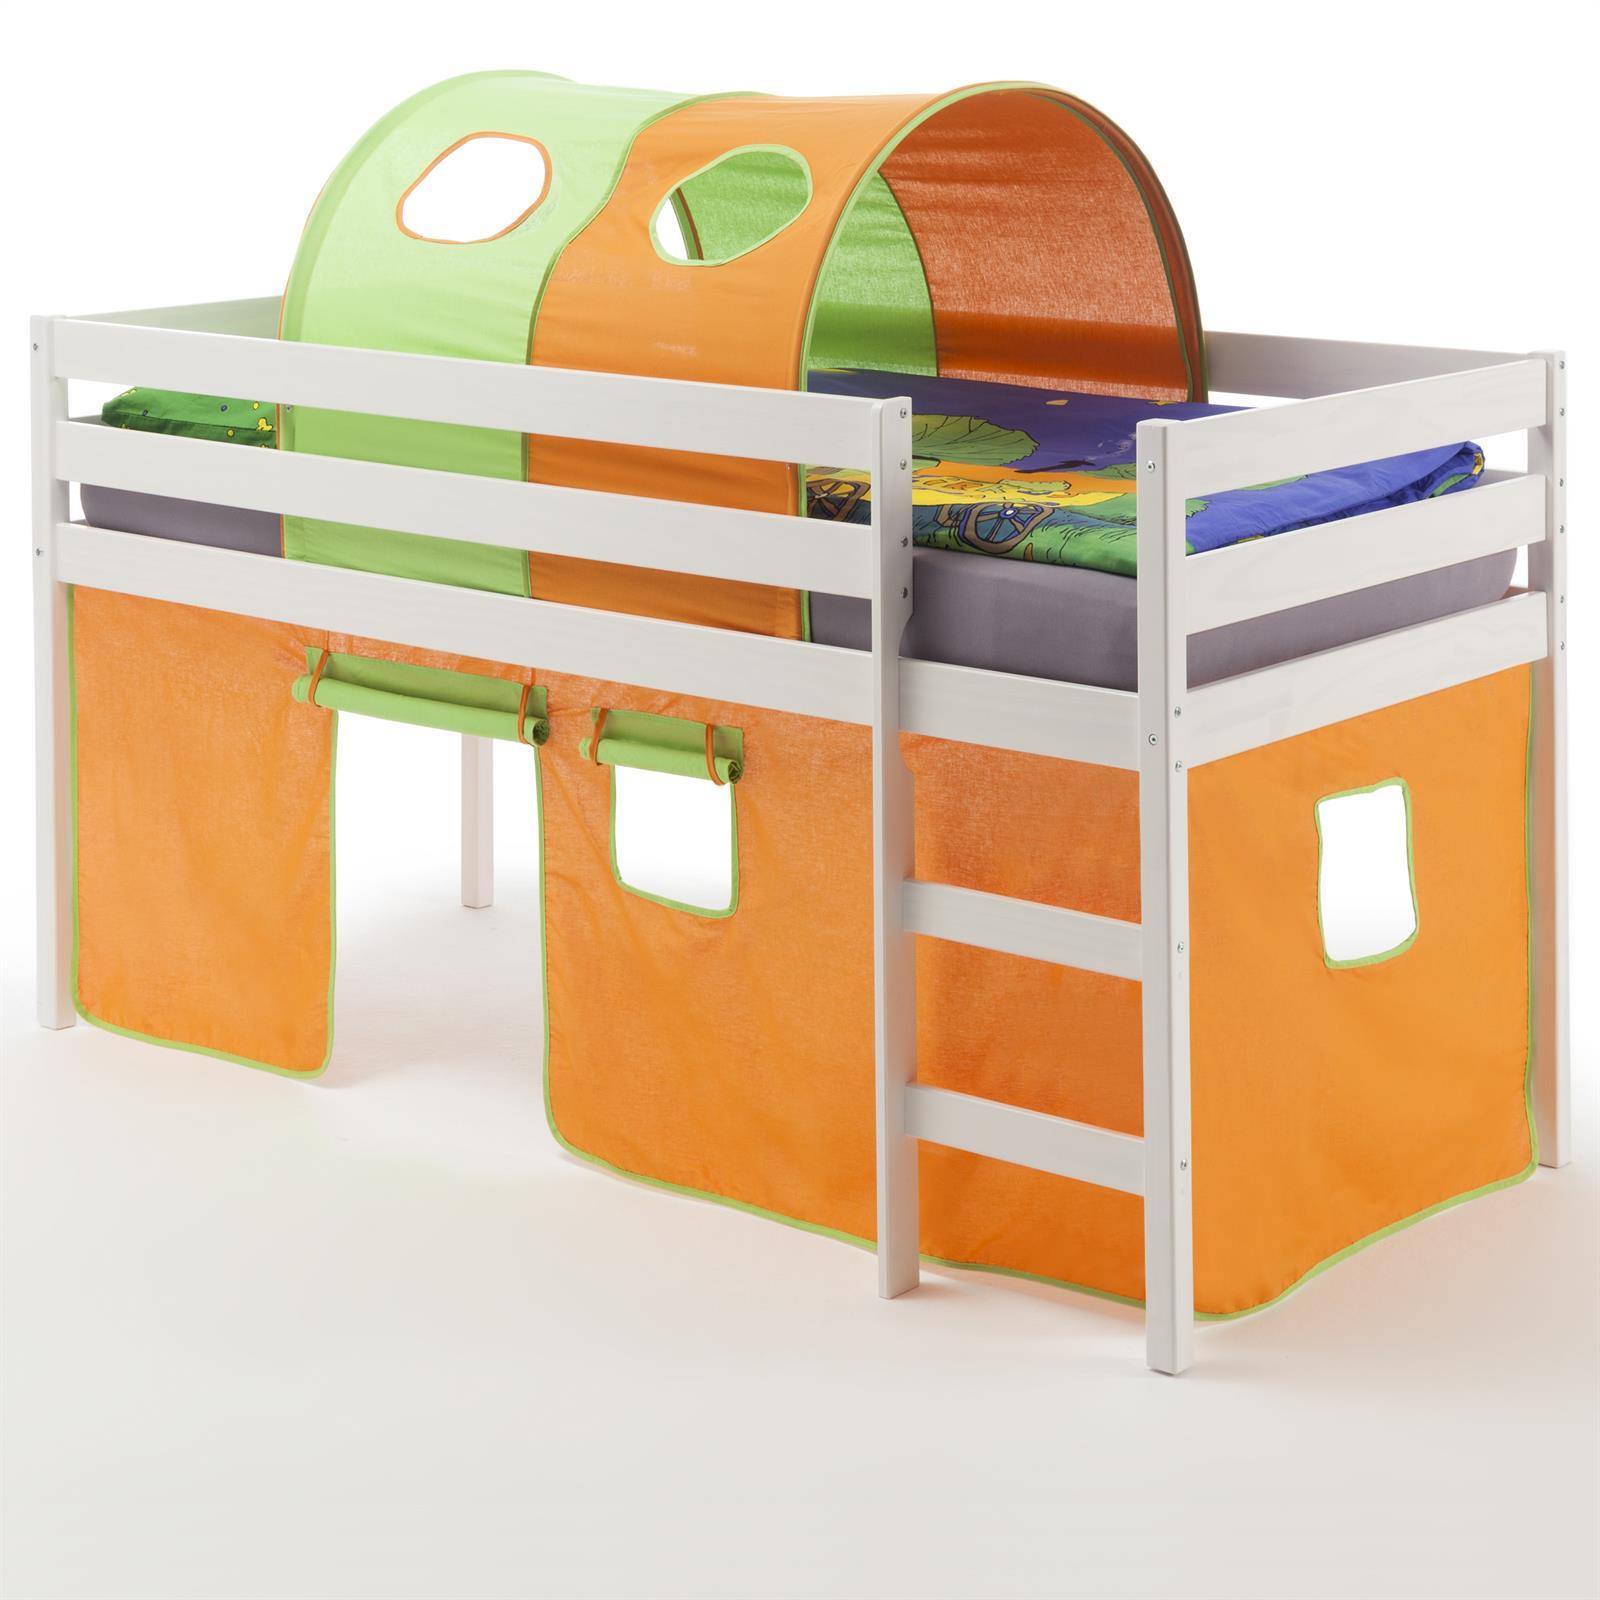 hochbett erik vorhang tunnel orange gr n mobilia24. Black Bedroom Furniture Sets. Home Design Ideas